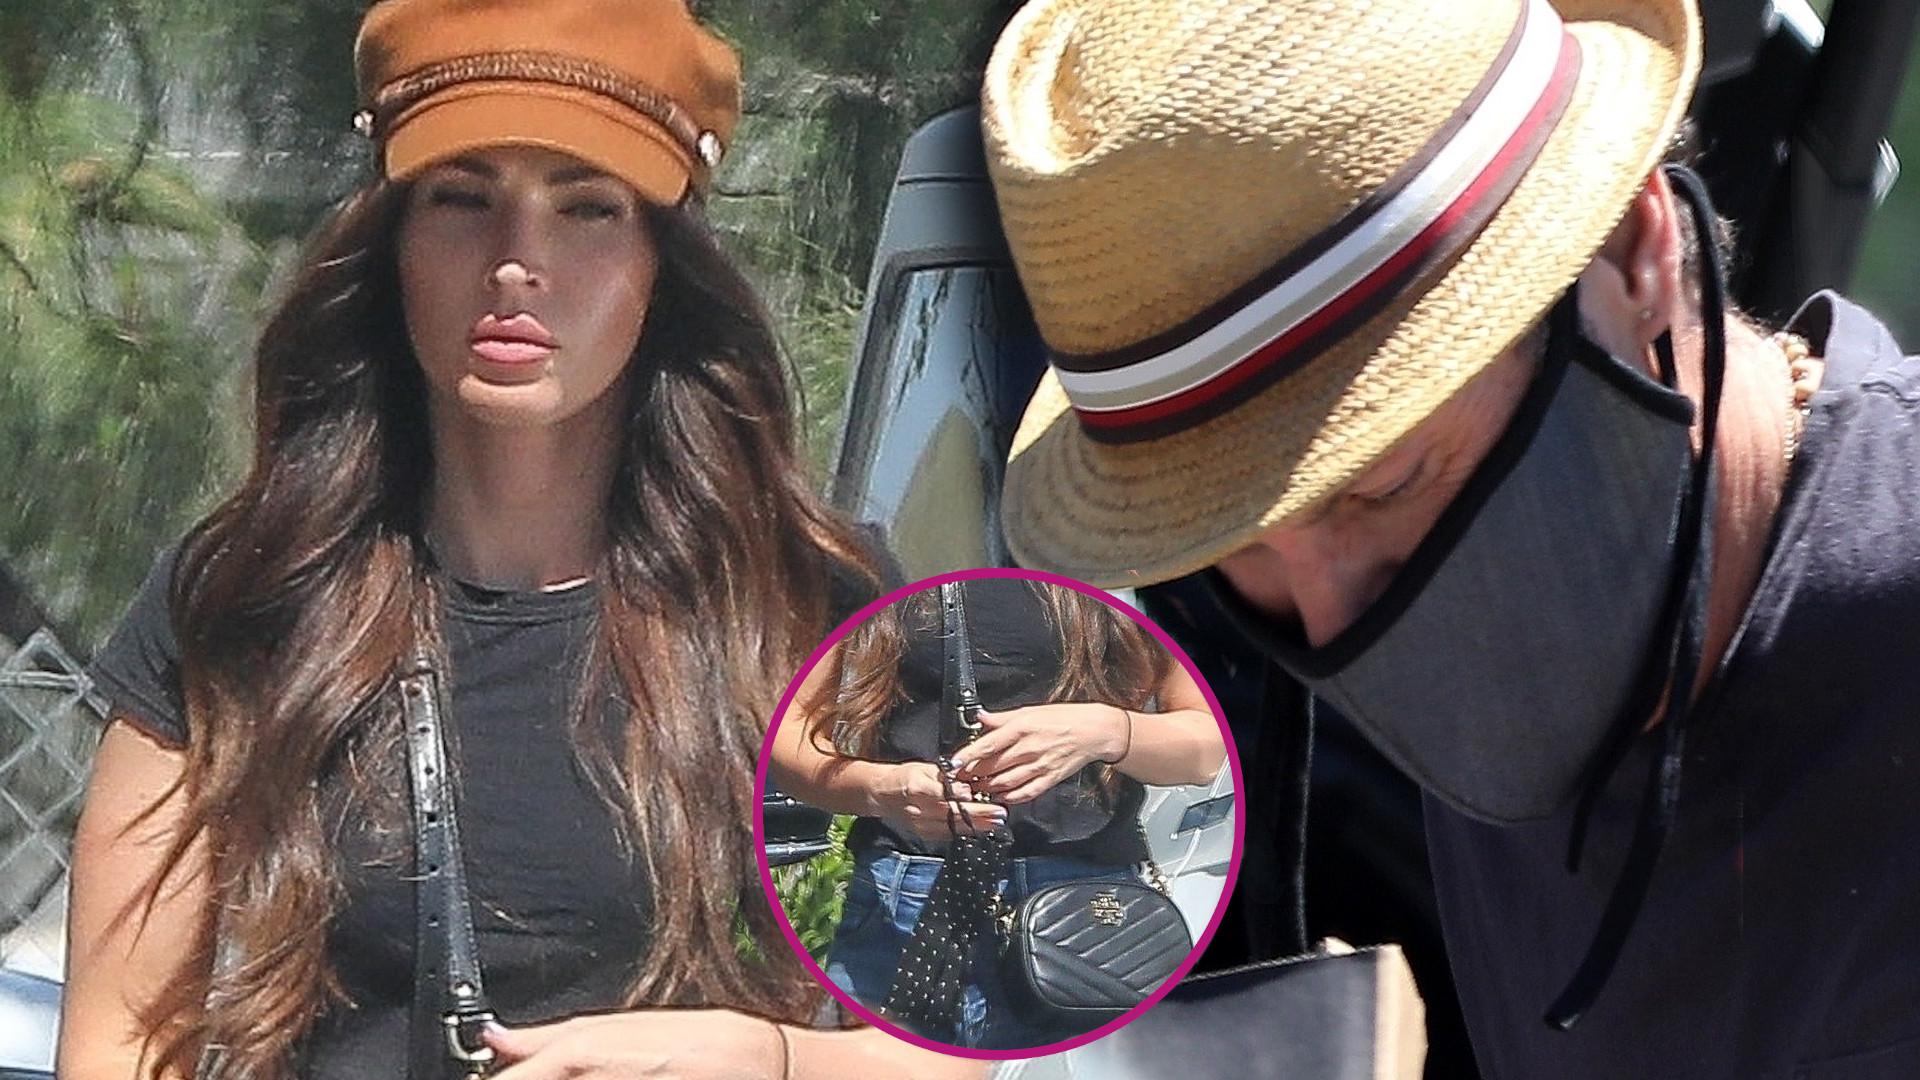 Co się dzieje w związku Megan Fox? Przestała nosić OBRĄCZKĘ, a jej mąż…